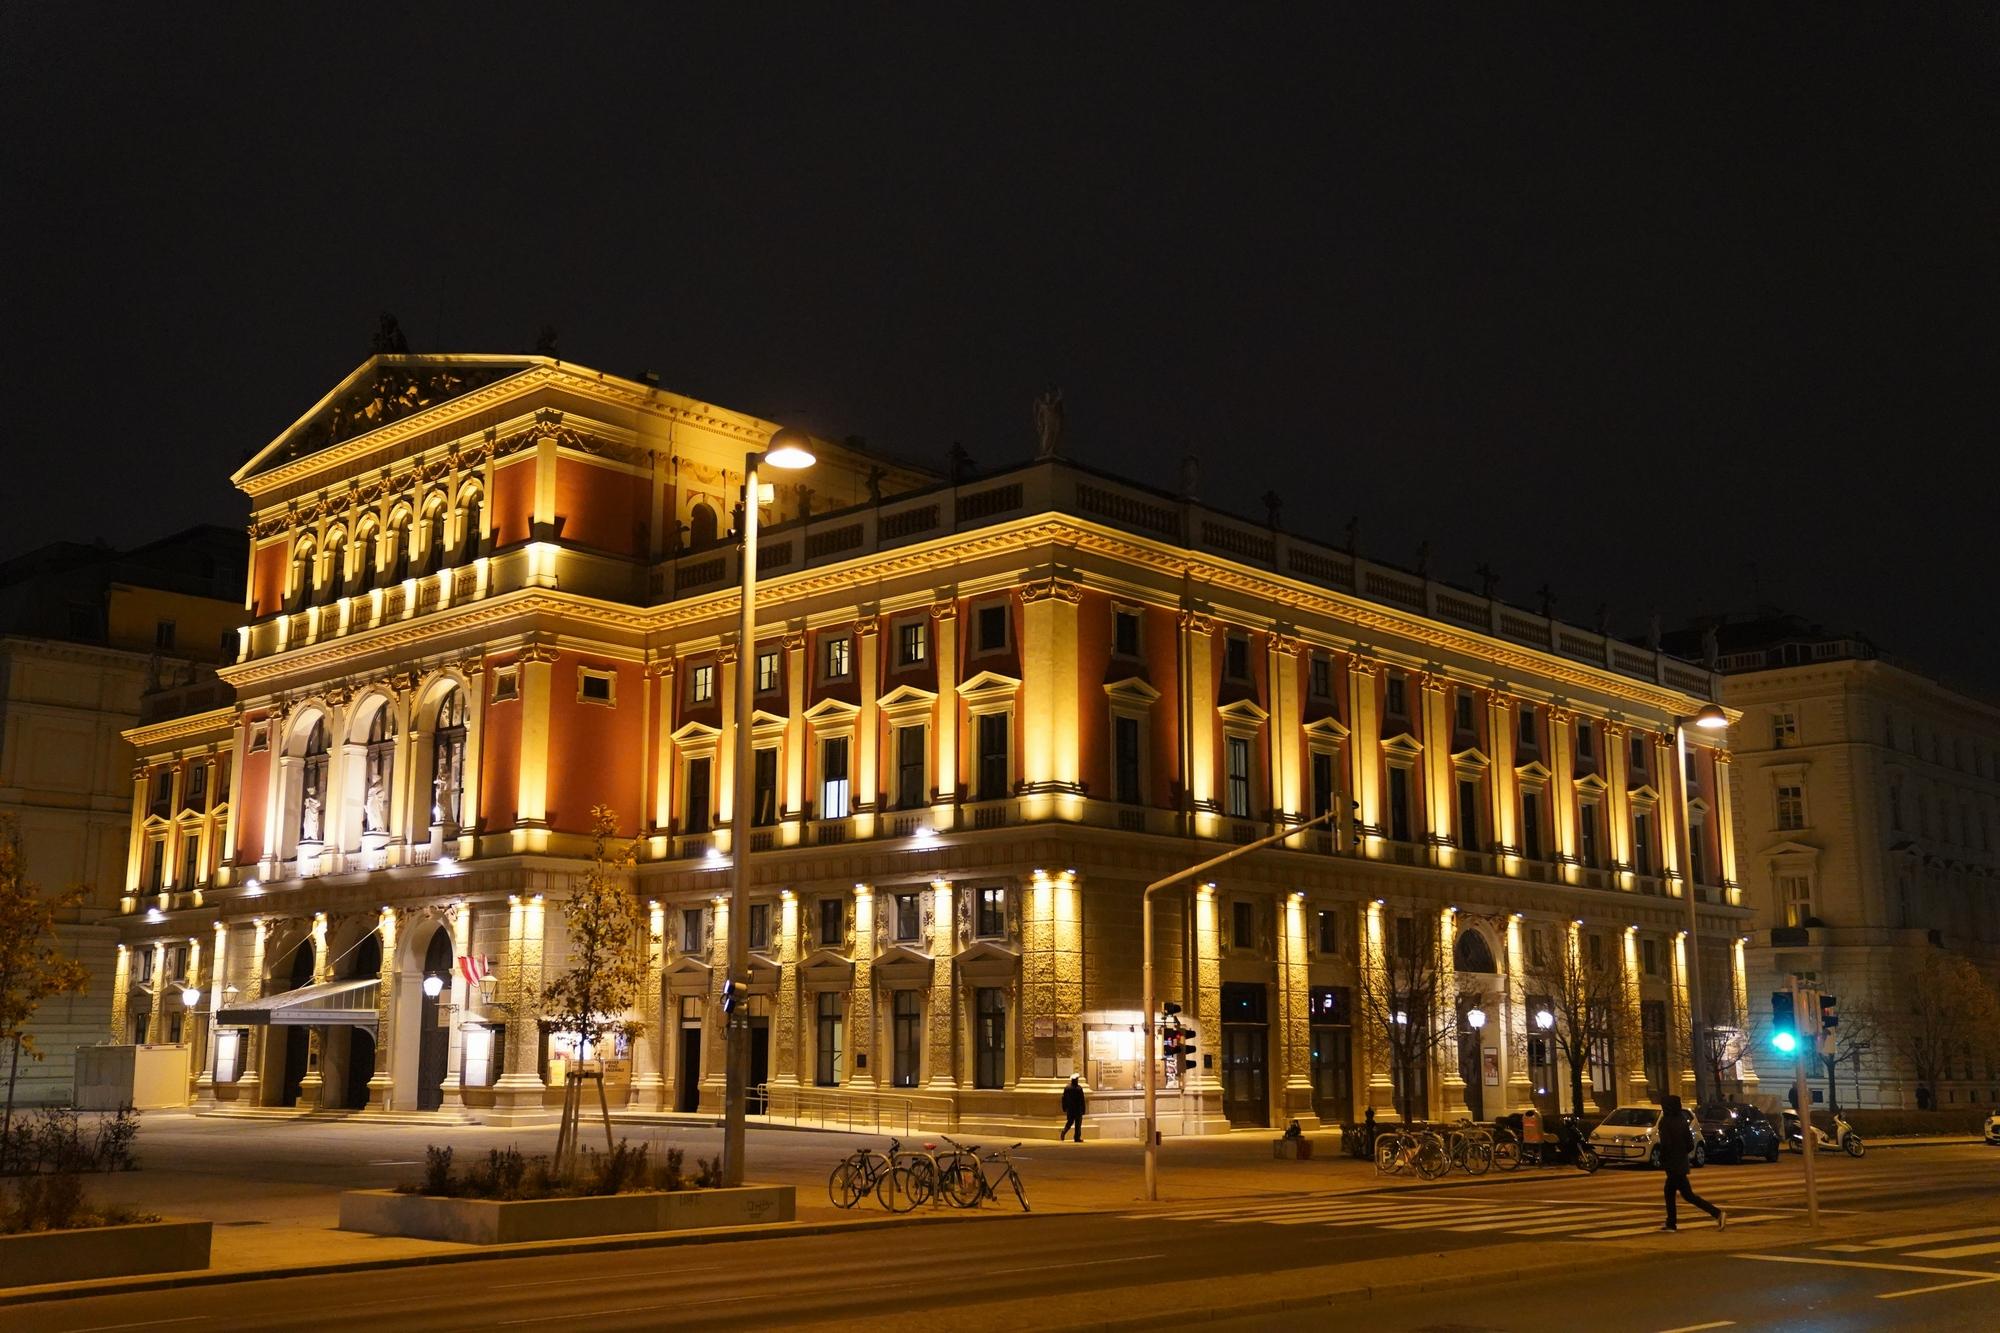 El famoso Musikverein  del cual se transmite anualmente  el concierto del año nuevo